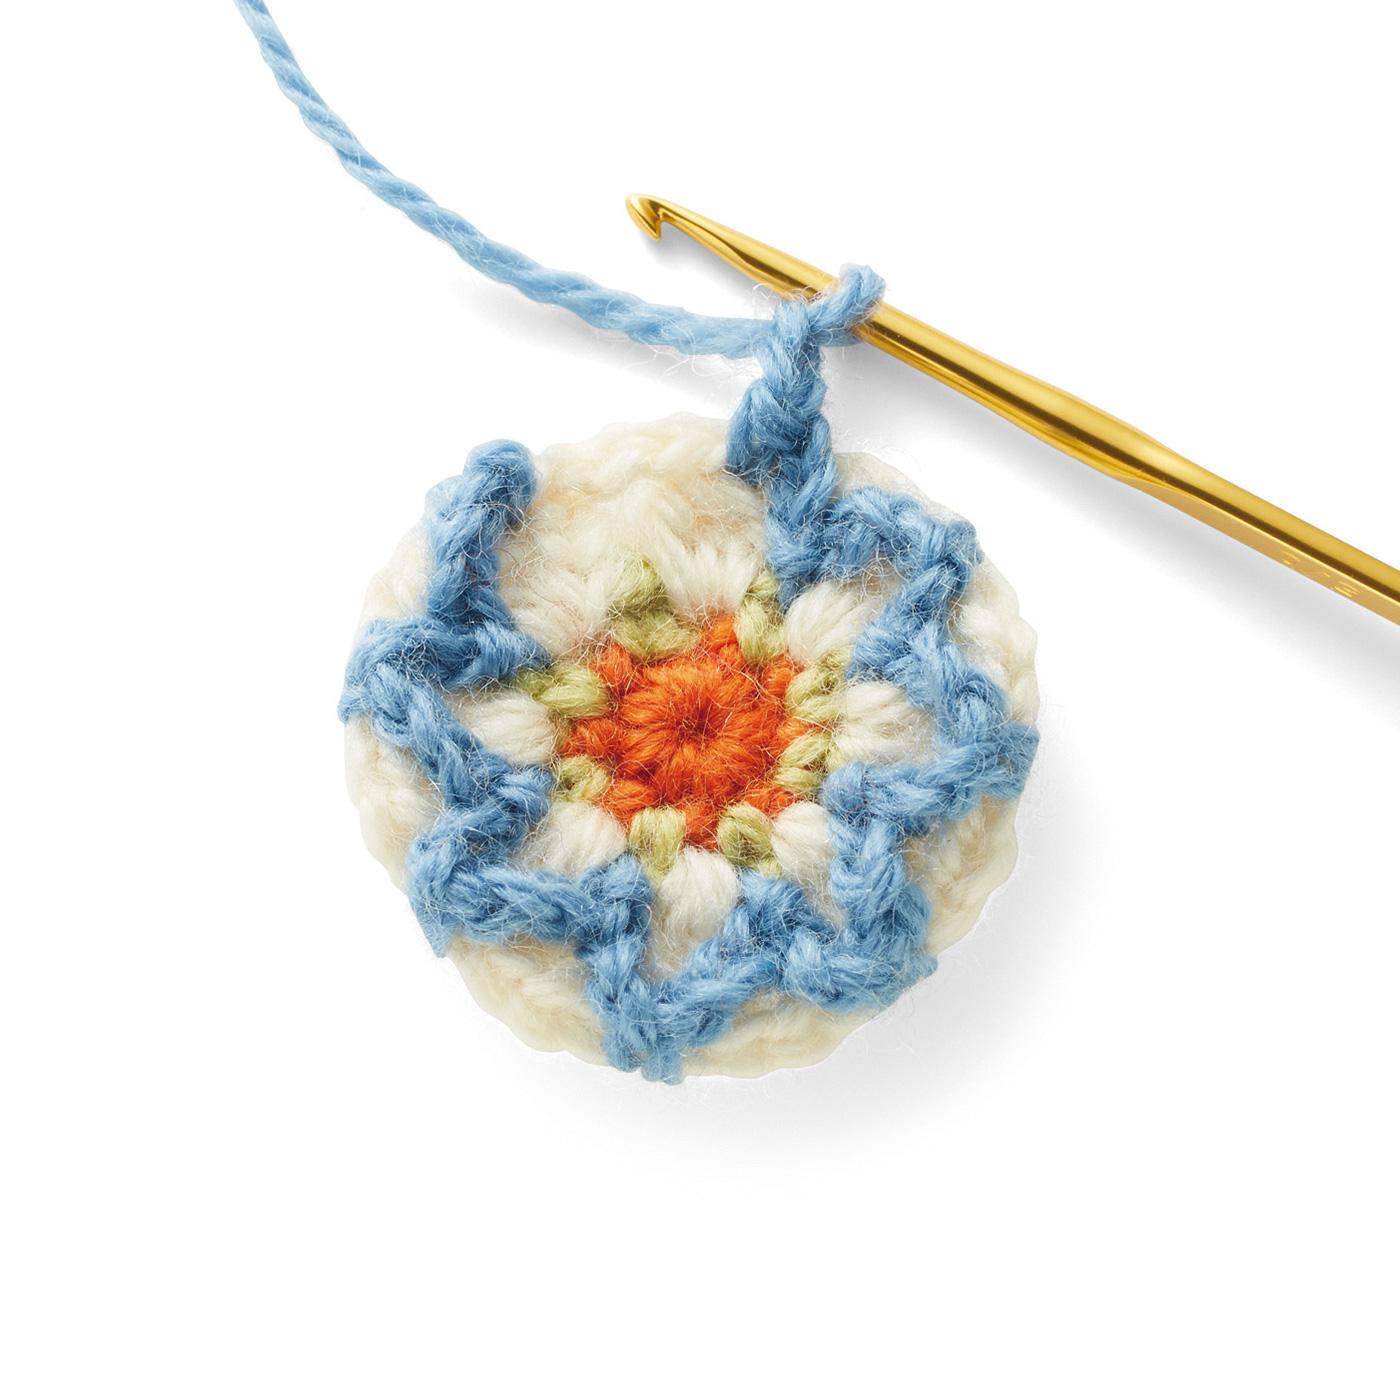 1つずつモチーフを編み、バッグにあしらいます。